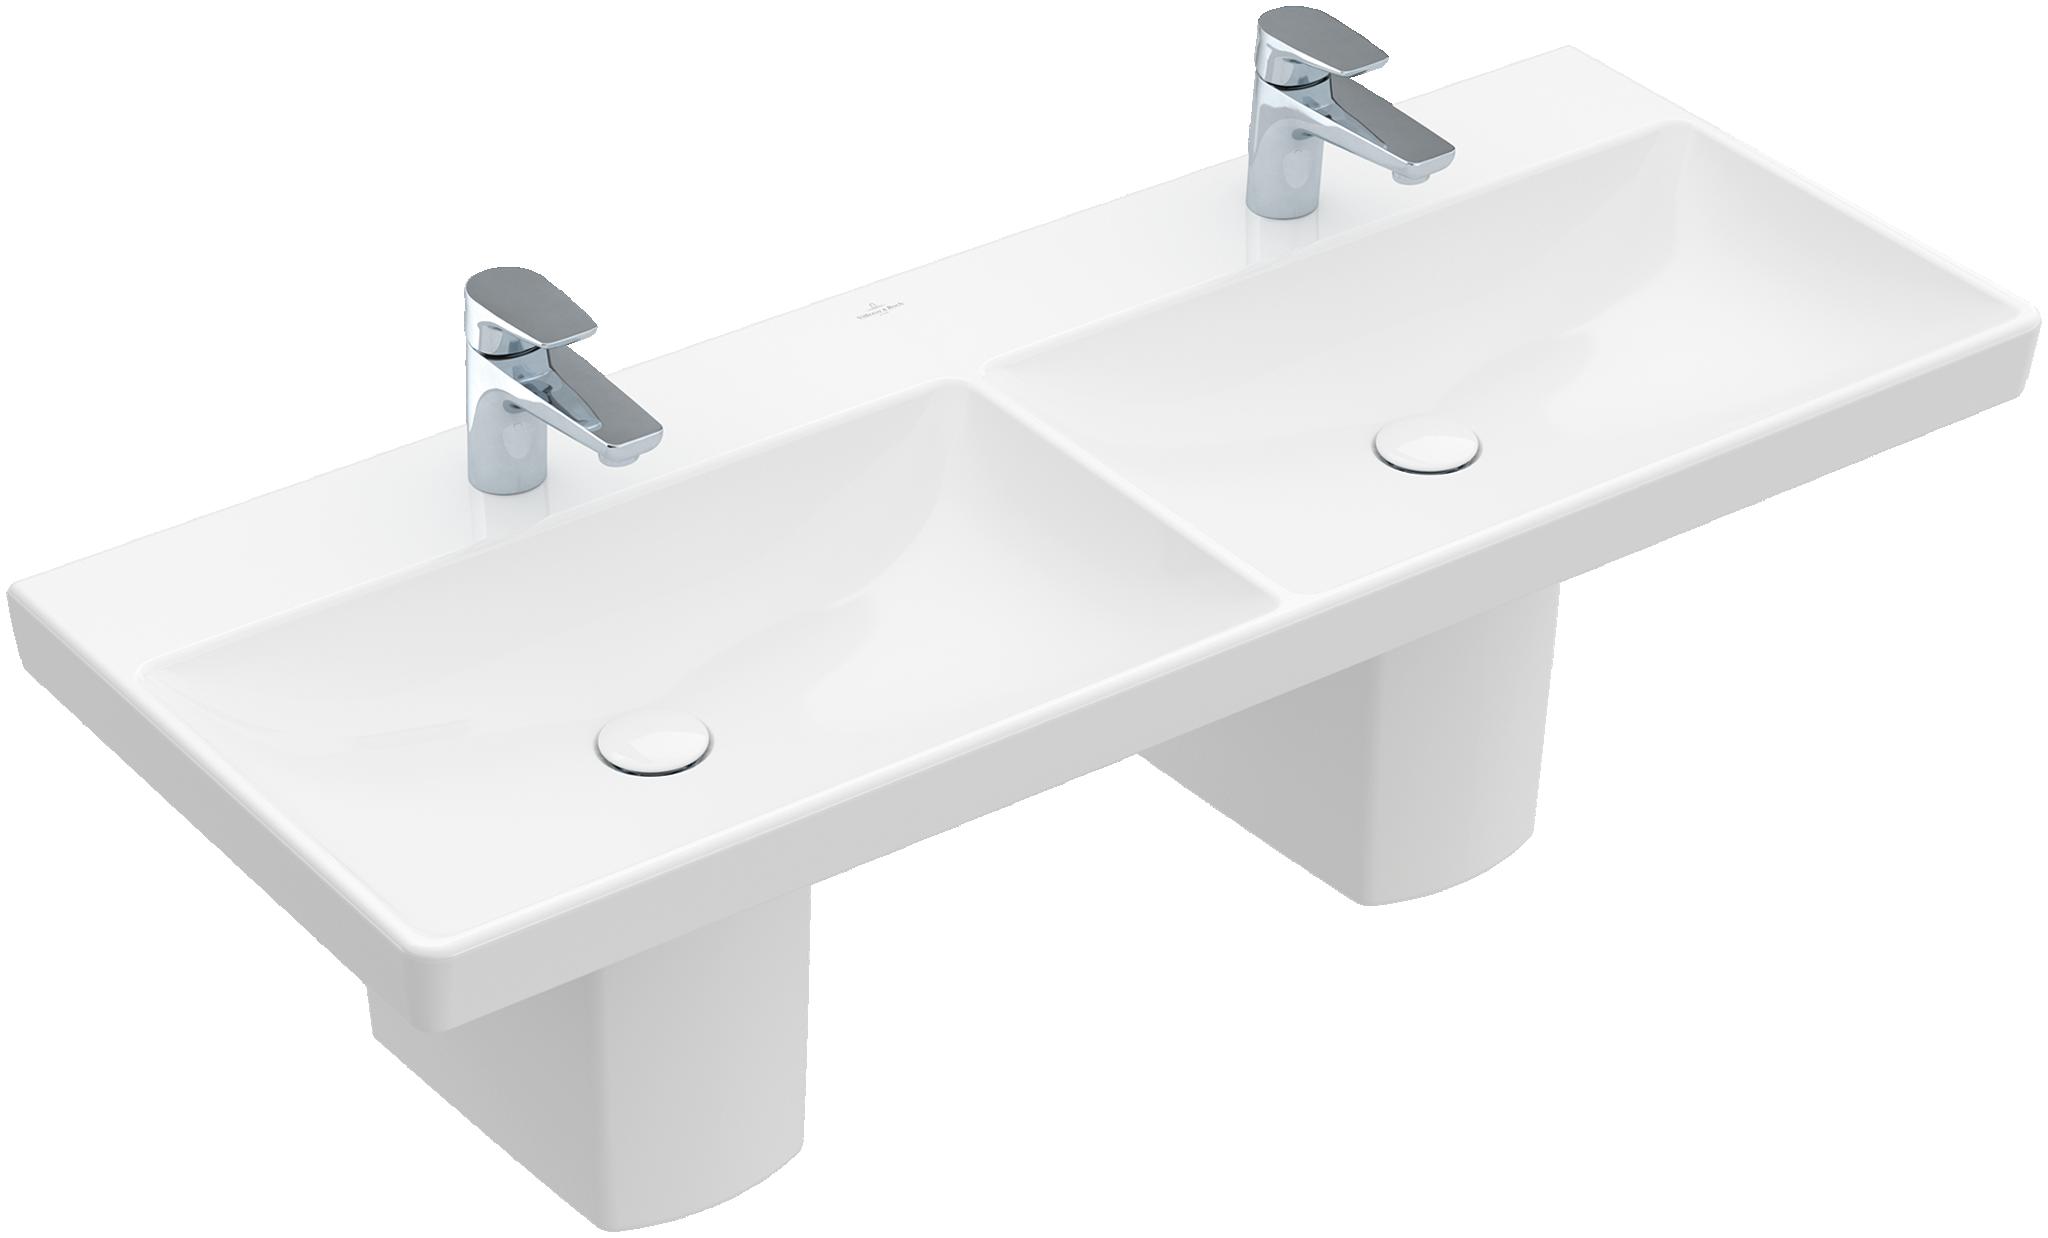 Villeroy & boch Avento dubbele meubelwastafel 120x47 cm met 2 kraangaten zonder overloop, wit